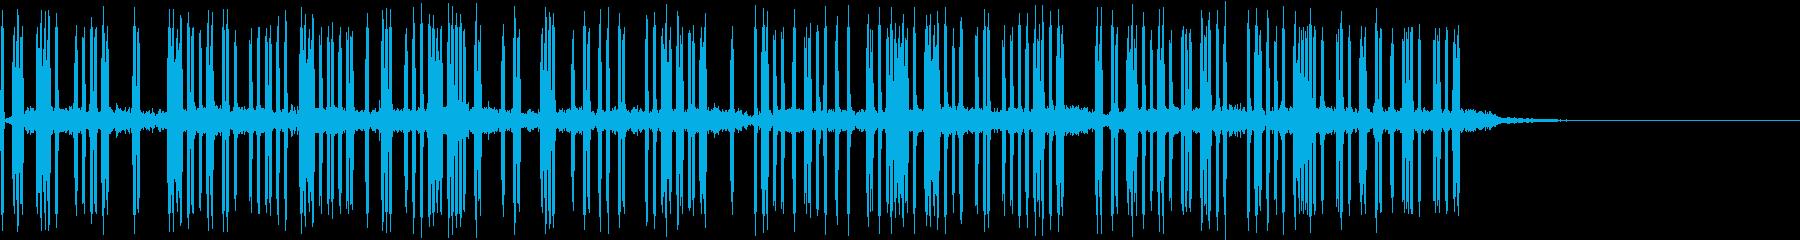 ビリビリ (漏電、電気音)の再生済みの波形